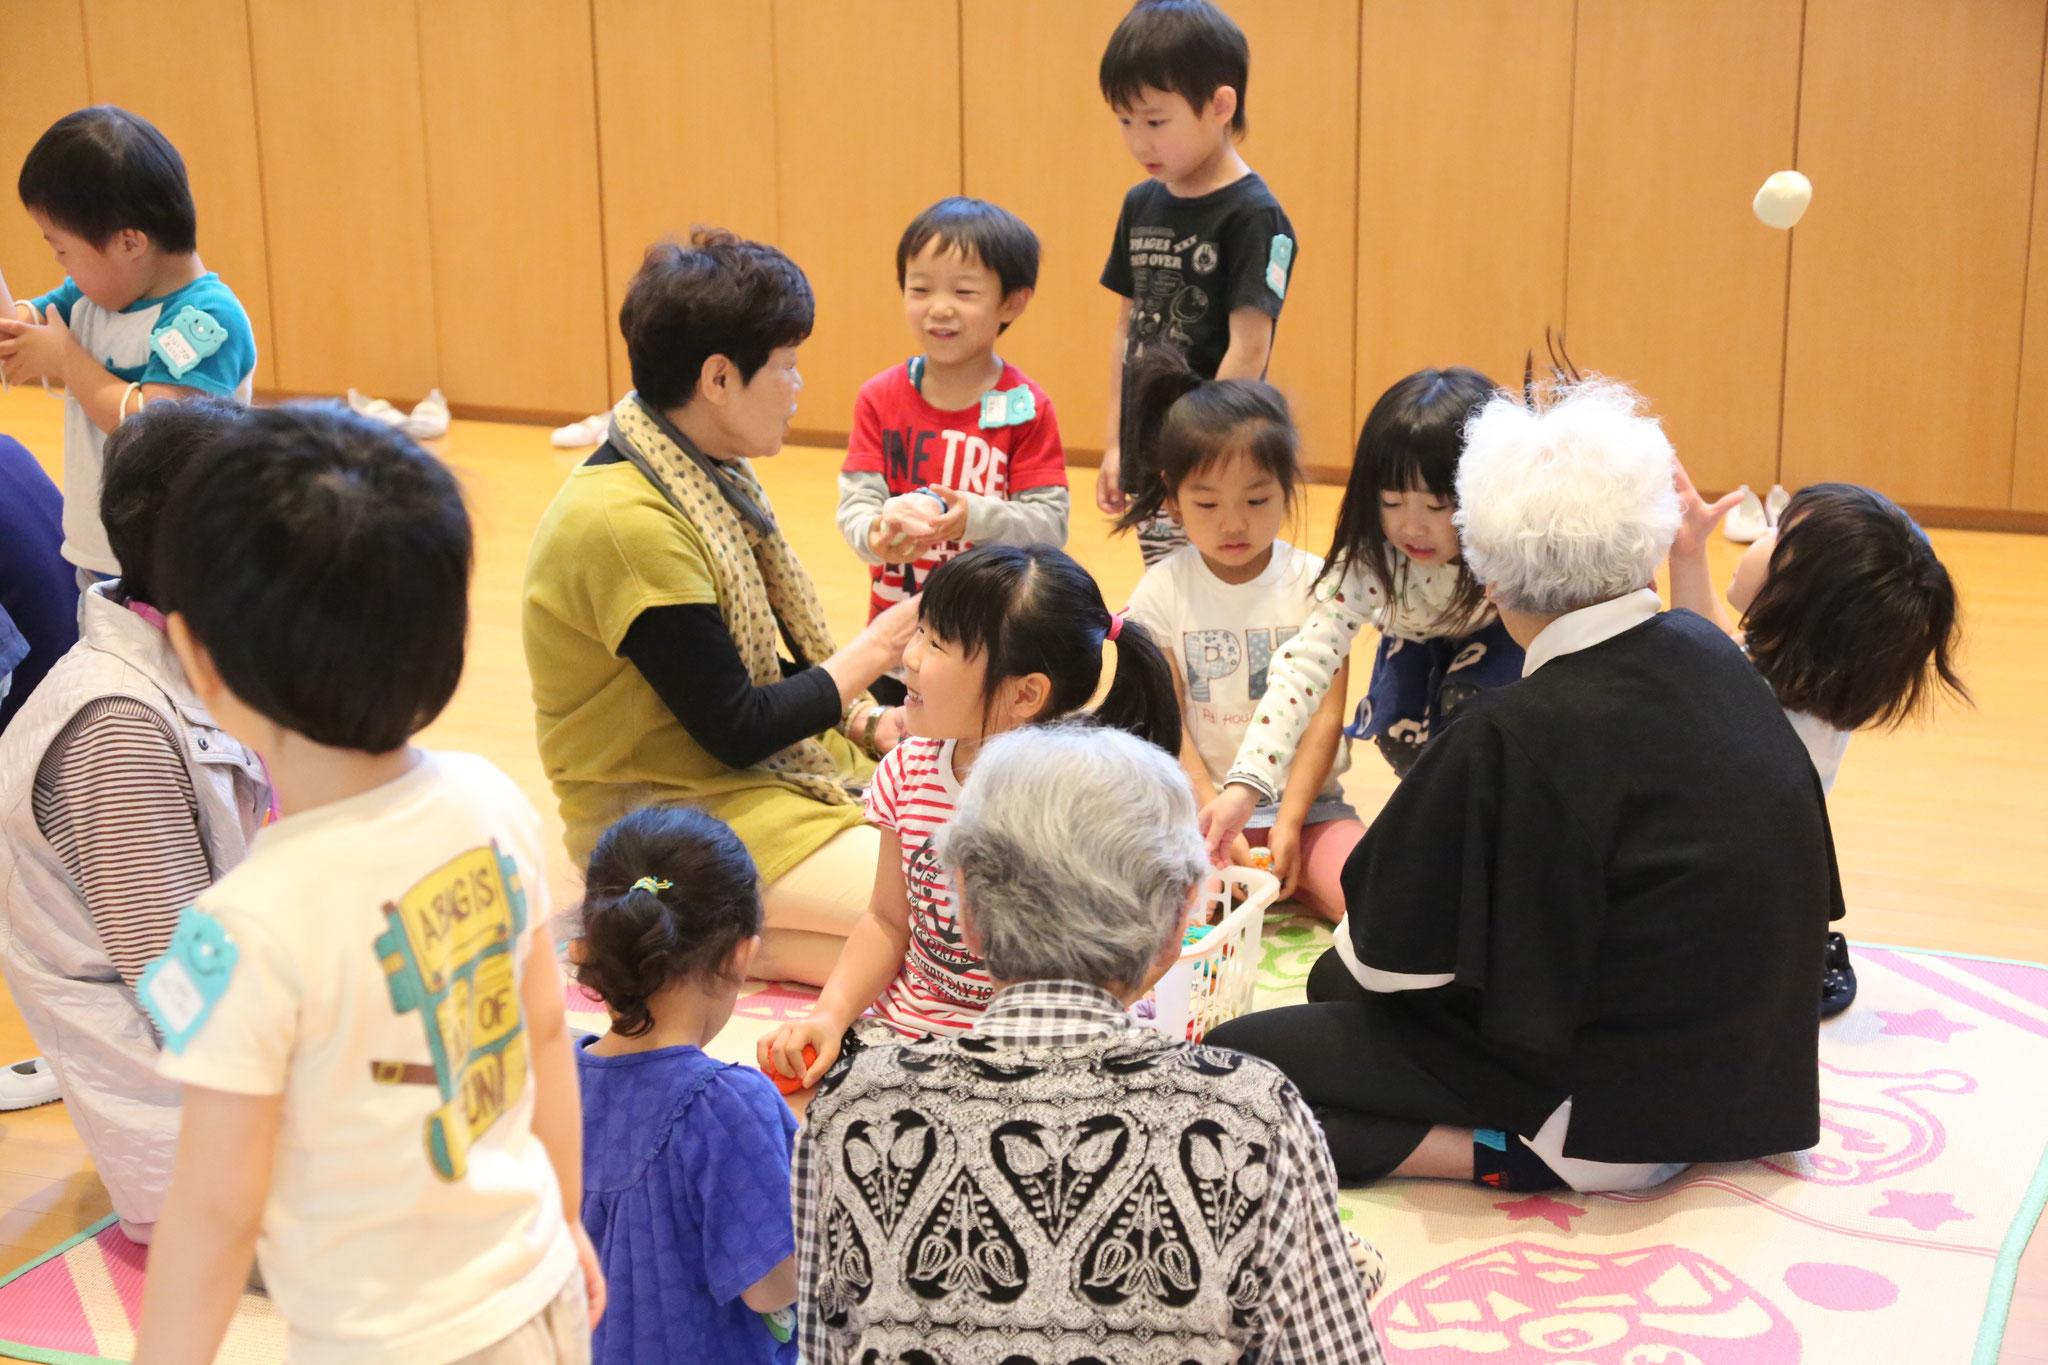 5月 伝承あそび・地域のおじいちゃん・おばあちゃんと一緒に昔遊びを楽しみます。